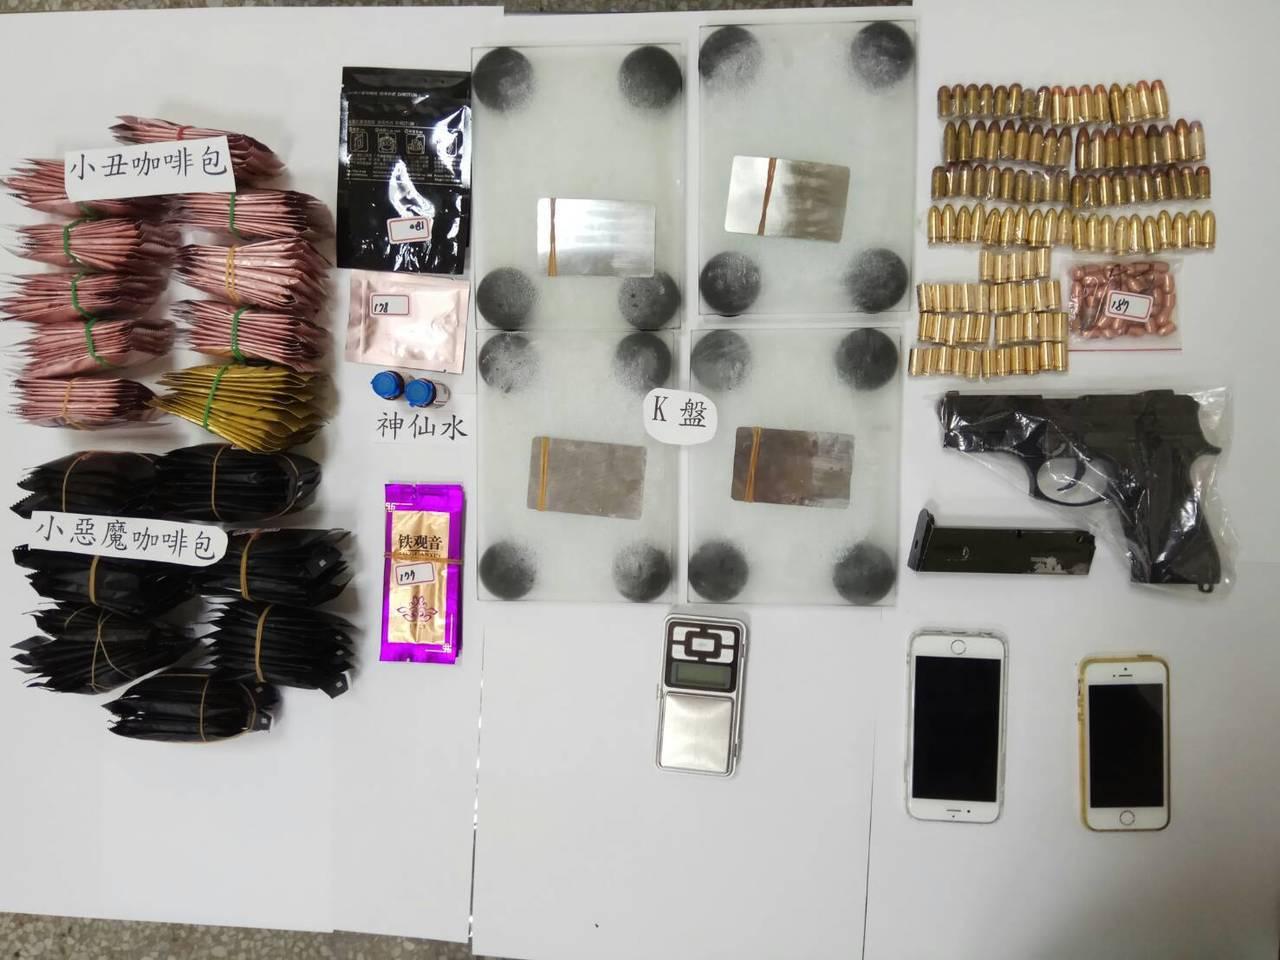 花蓮警分局員警從林嫌租處處牆內暗格中,起出大批毒品及改造手槍。圖/花蓮警分局提供